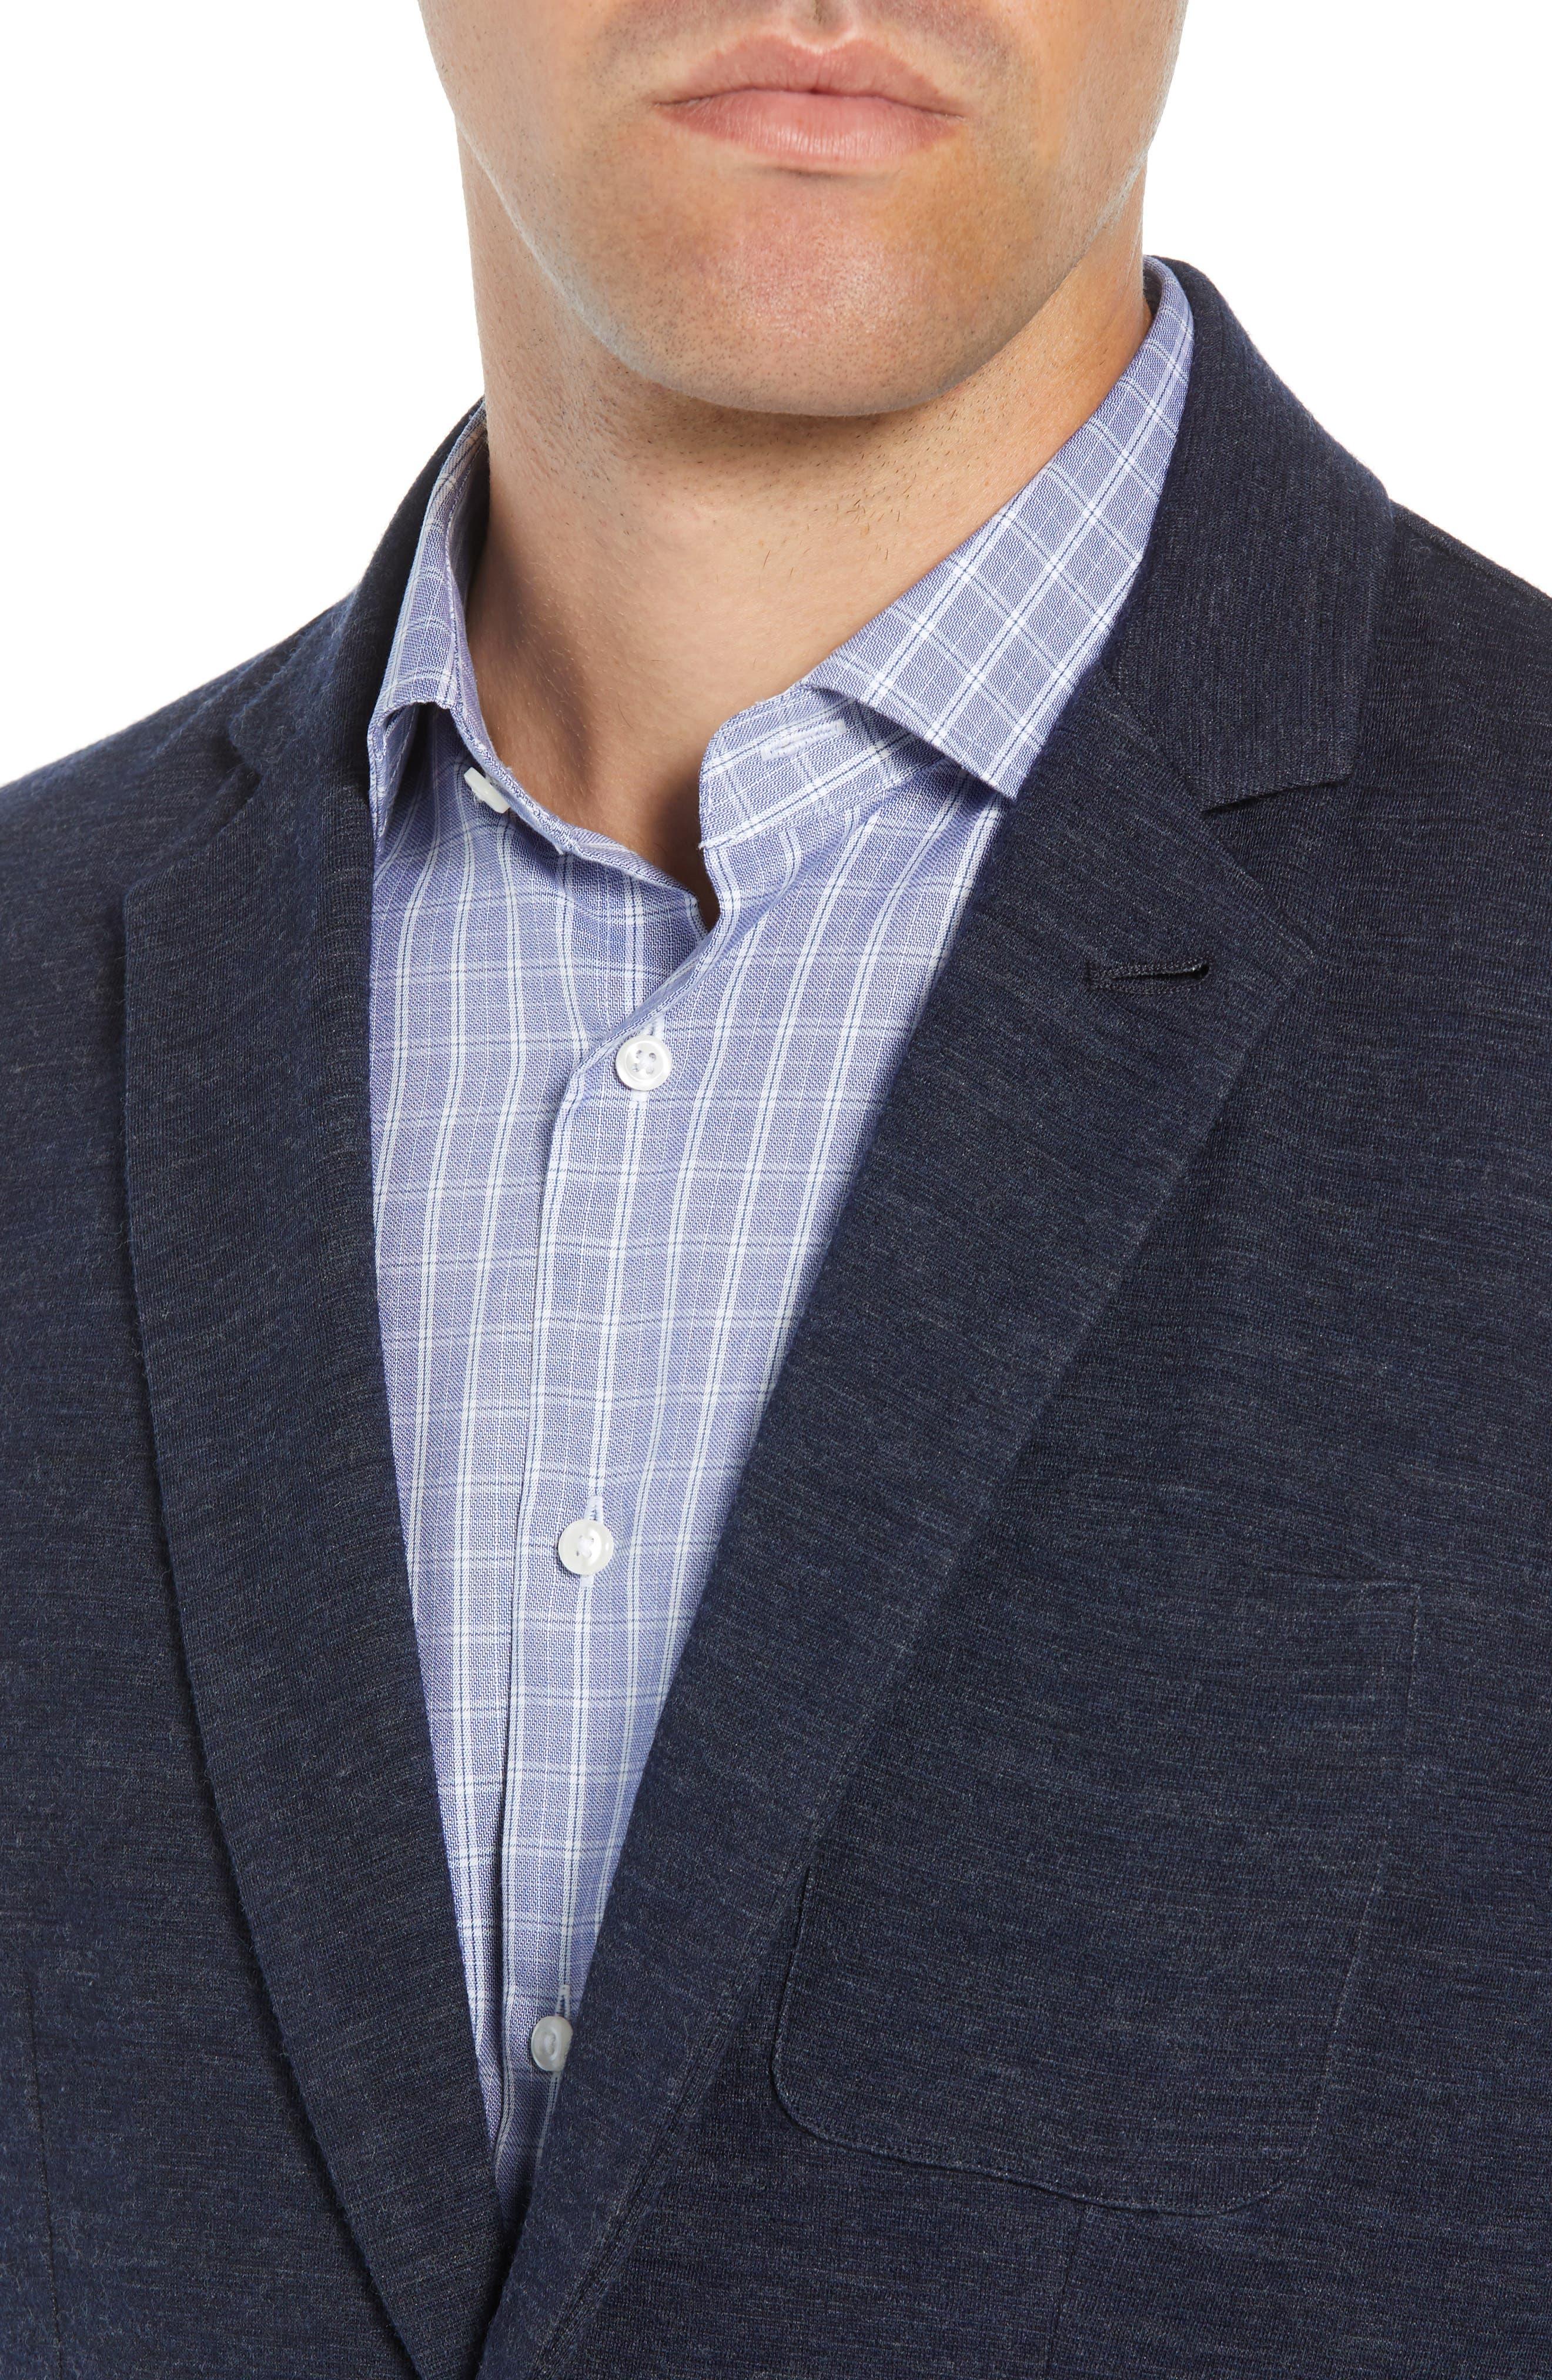 Granite Regular Fit Knit Sport Coat,                             Alternate thumbnail 4, color,                             410